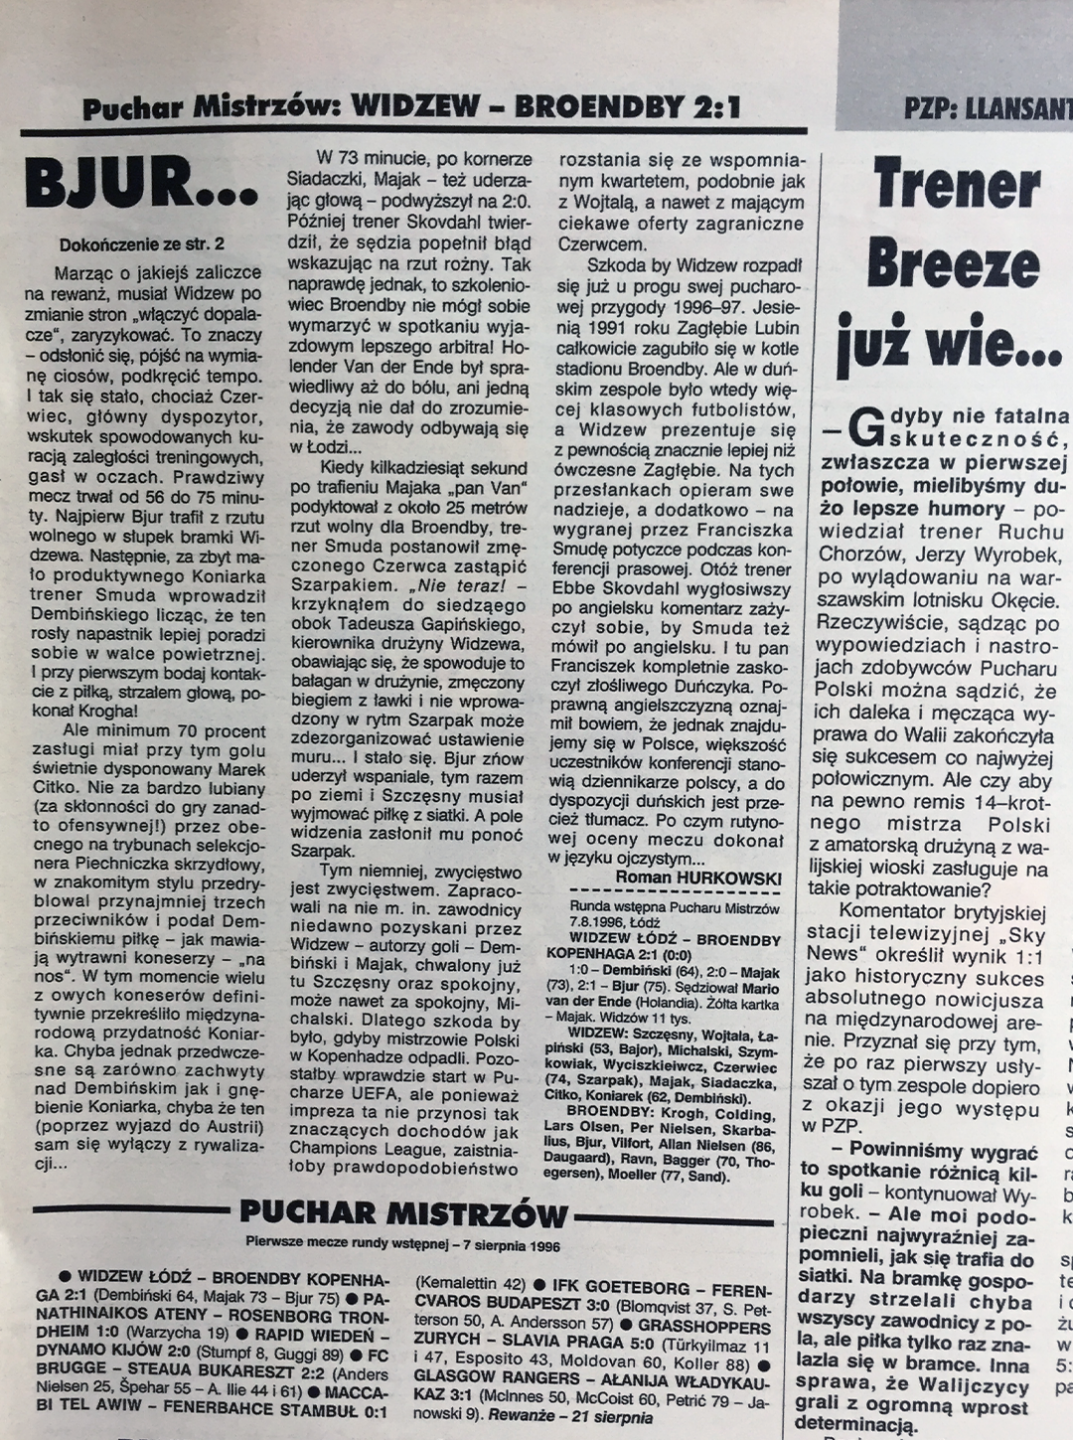 Piłka nożna po meczu Widzew - Broendby (07.08.1996)